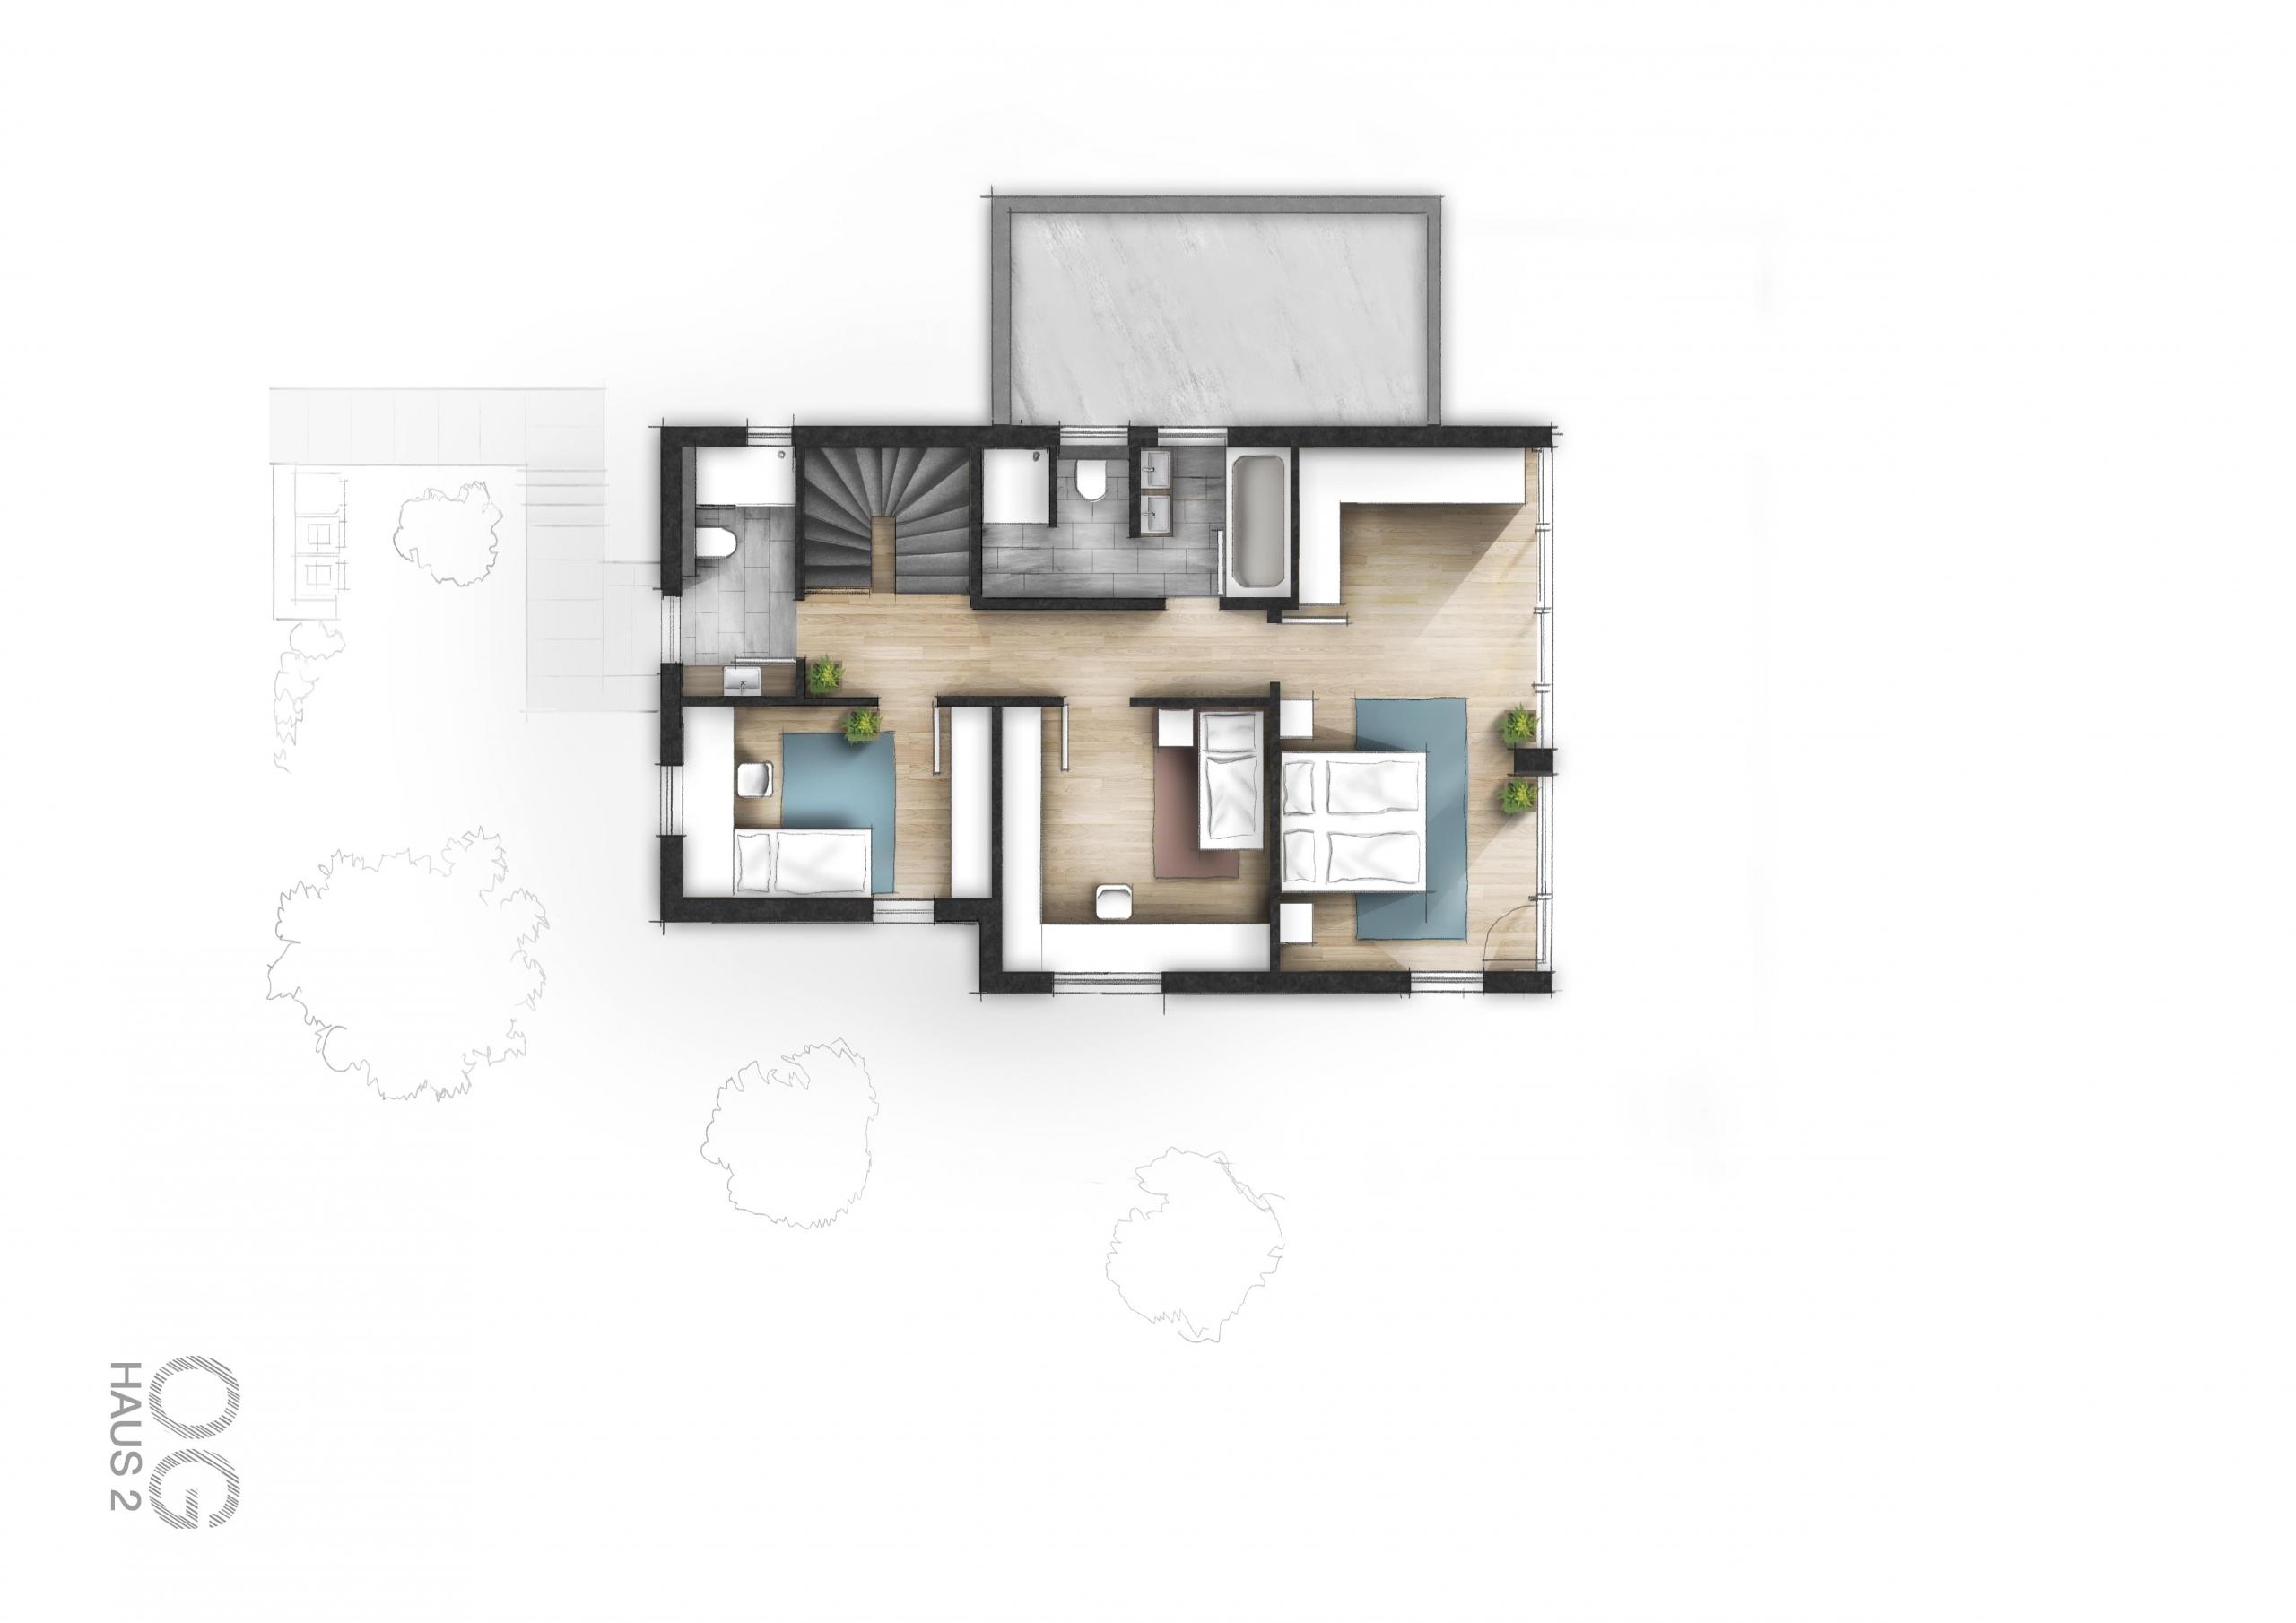 Kolorierter_Grundriss_zeichnen_lassen_Haus_Garten